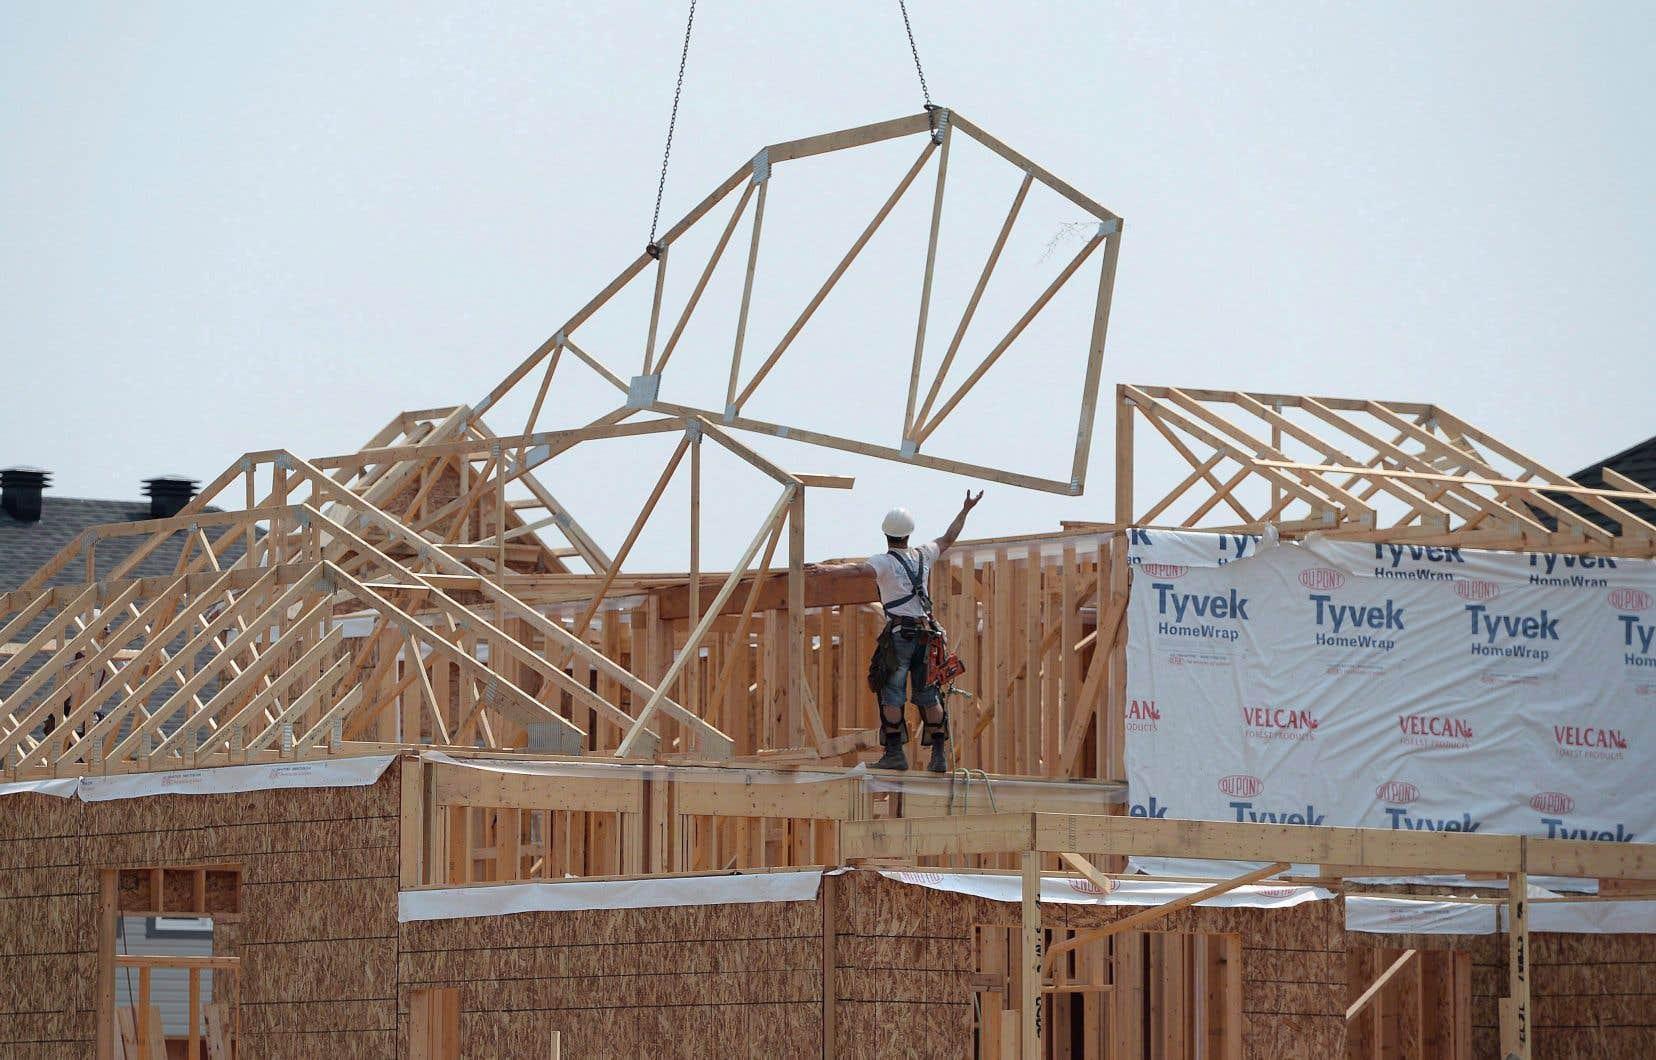 Le gouvernement avait prévu de financer 2500 logements sociaux l'an dernier et autant l'année précédente. Or il n'a pu en livrer que 1665 et 1742 ces deux dernières années, selon le rapport annuel de la SHQ.